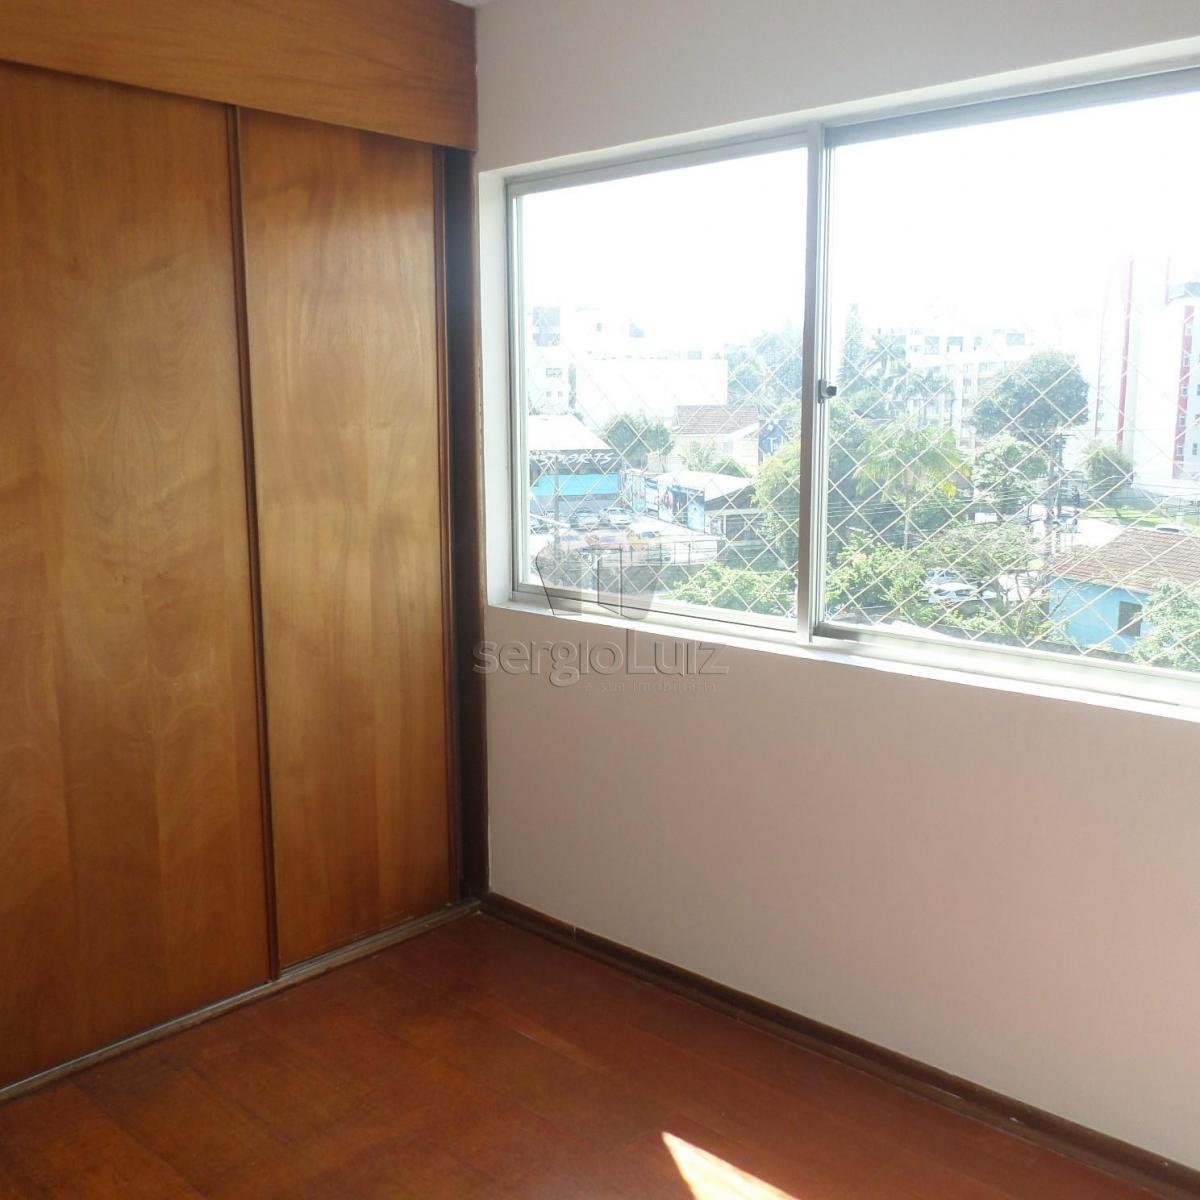 Apartamento para aluguel com 3 quartos juvev curitiba for Apartamento mobiliado 3 quartos curitiba